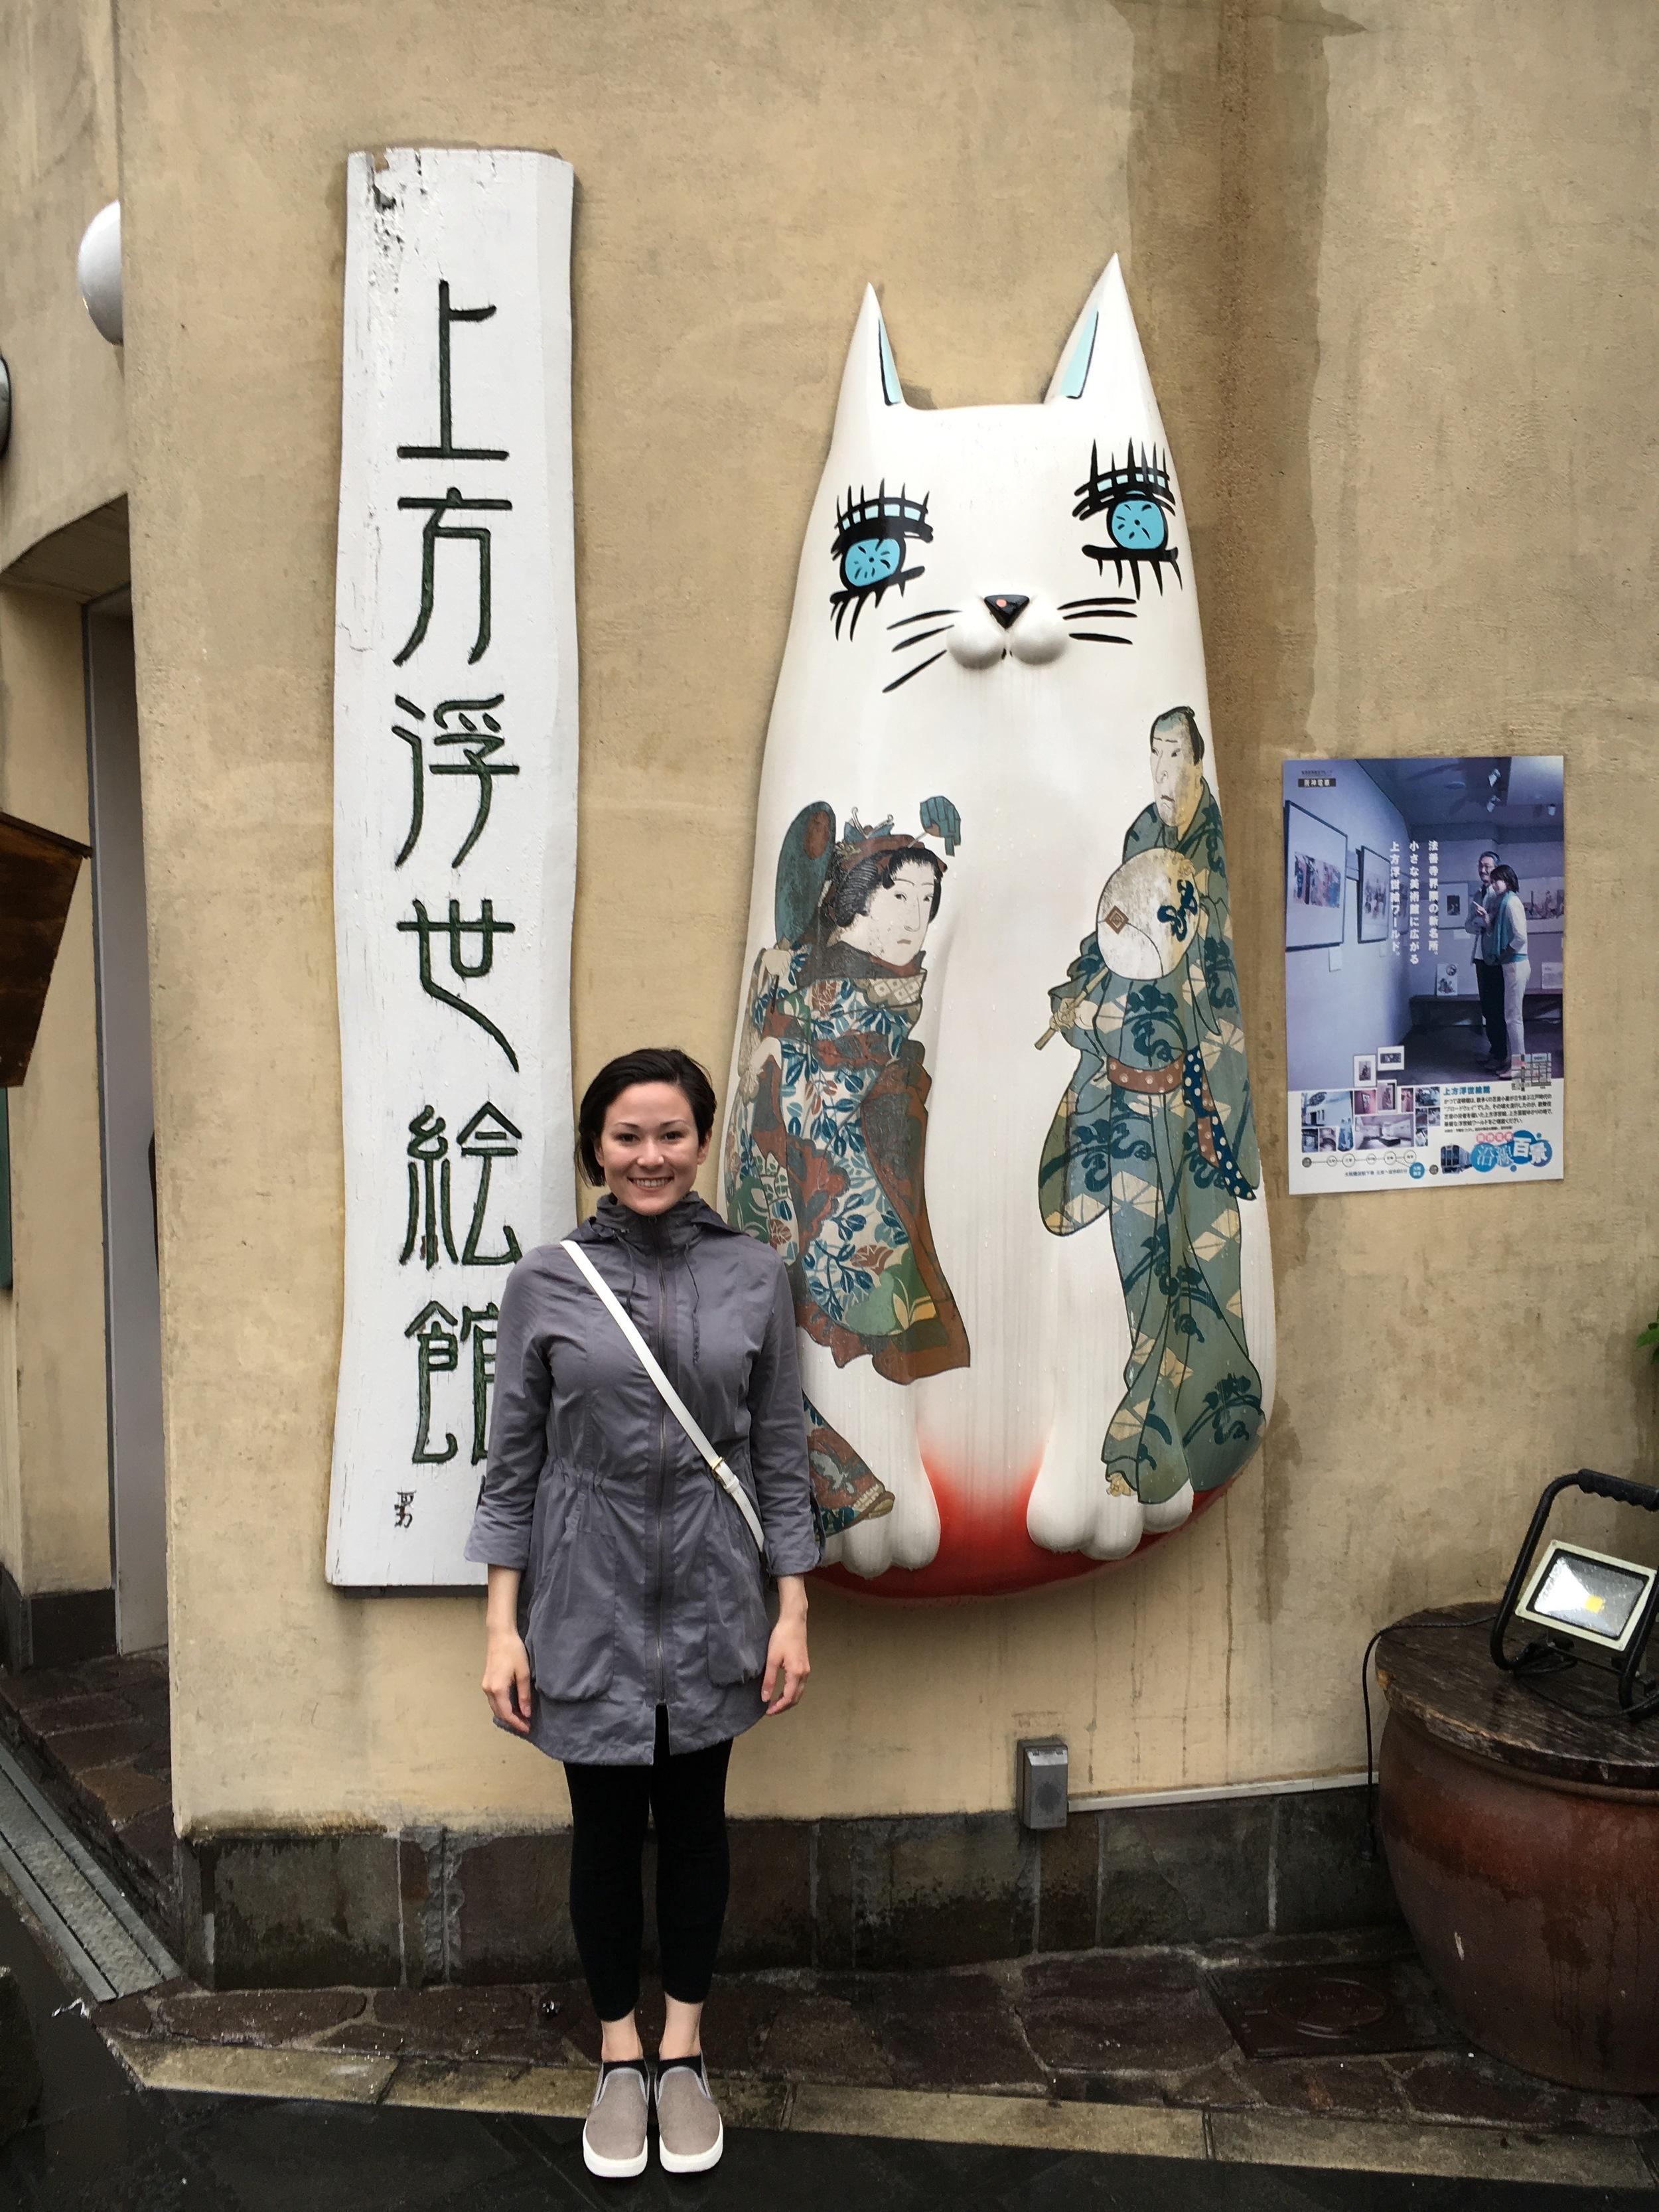 Me outside the Ukiyo-e Museum in Osaka.